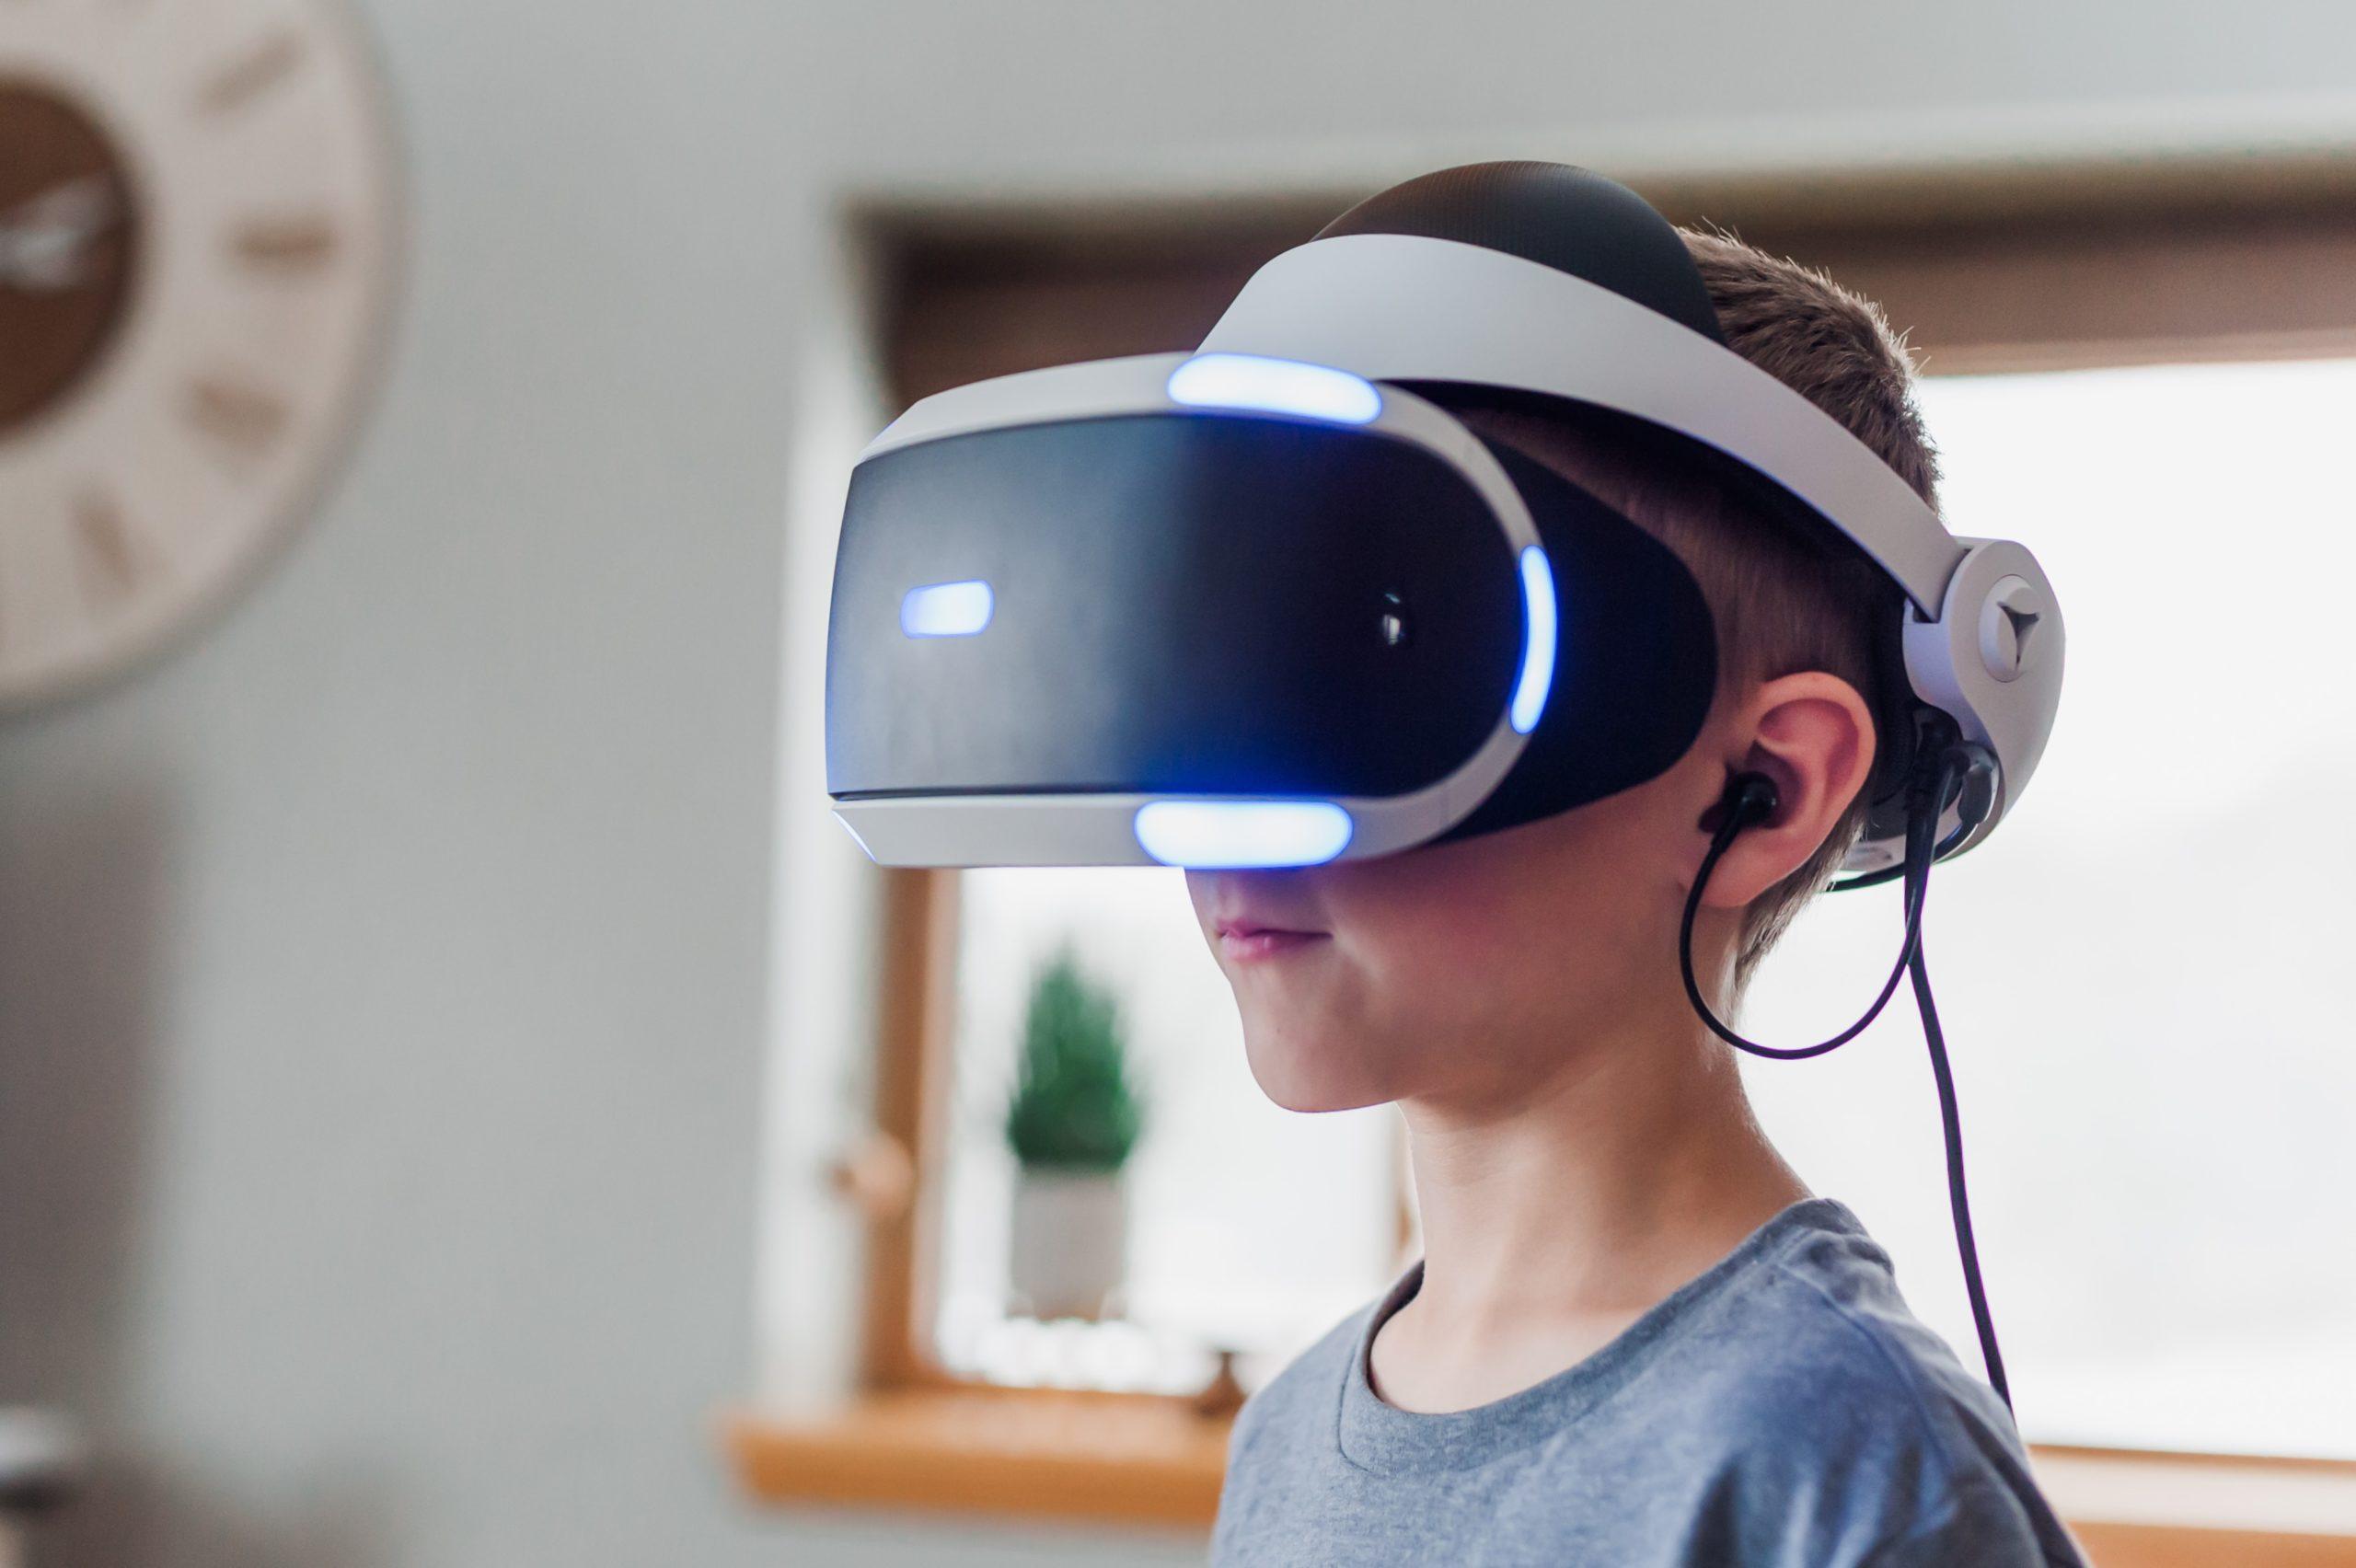 A boy wearing VR headset